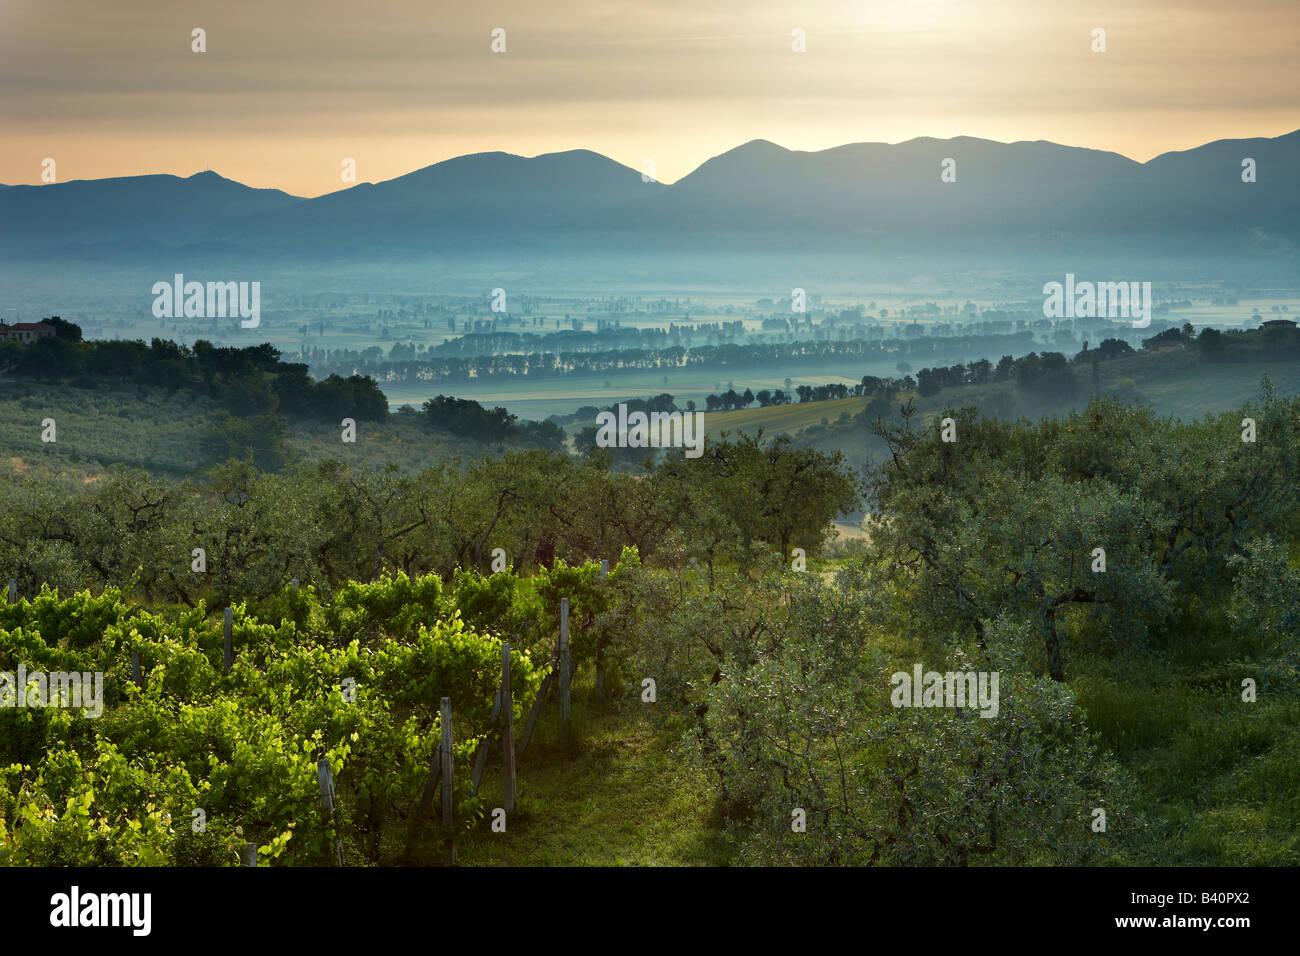 ein Weinberg mit Blick auf das Val di Spoleto in der Nähe von Montefalco, Umbrien, Italien Stockbild